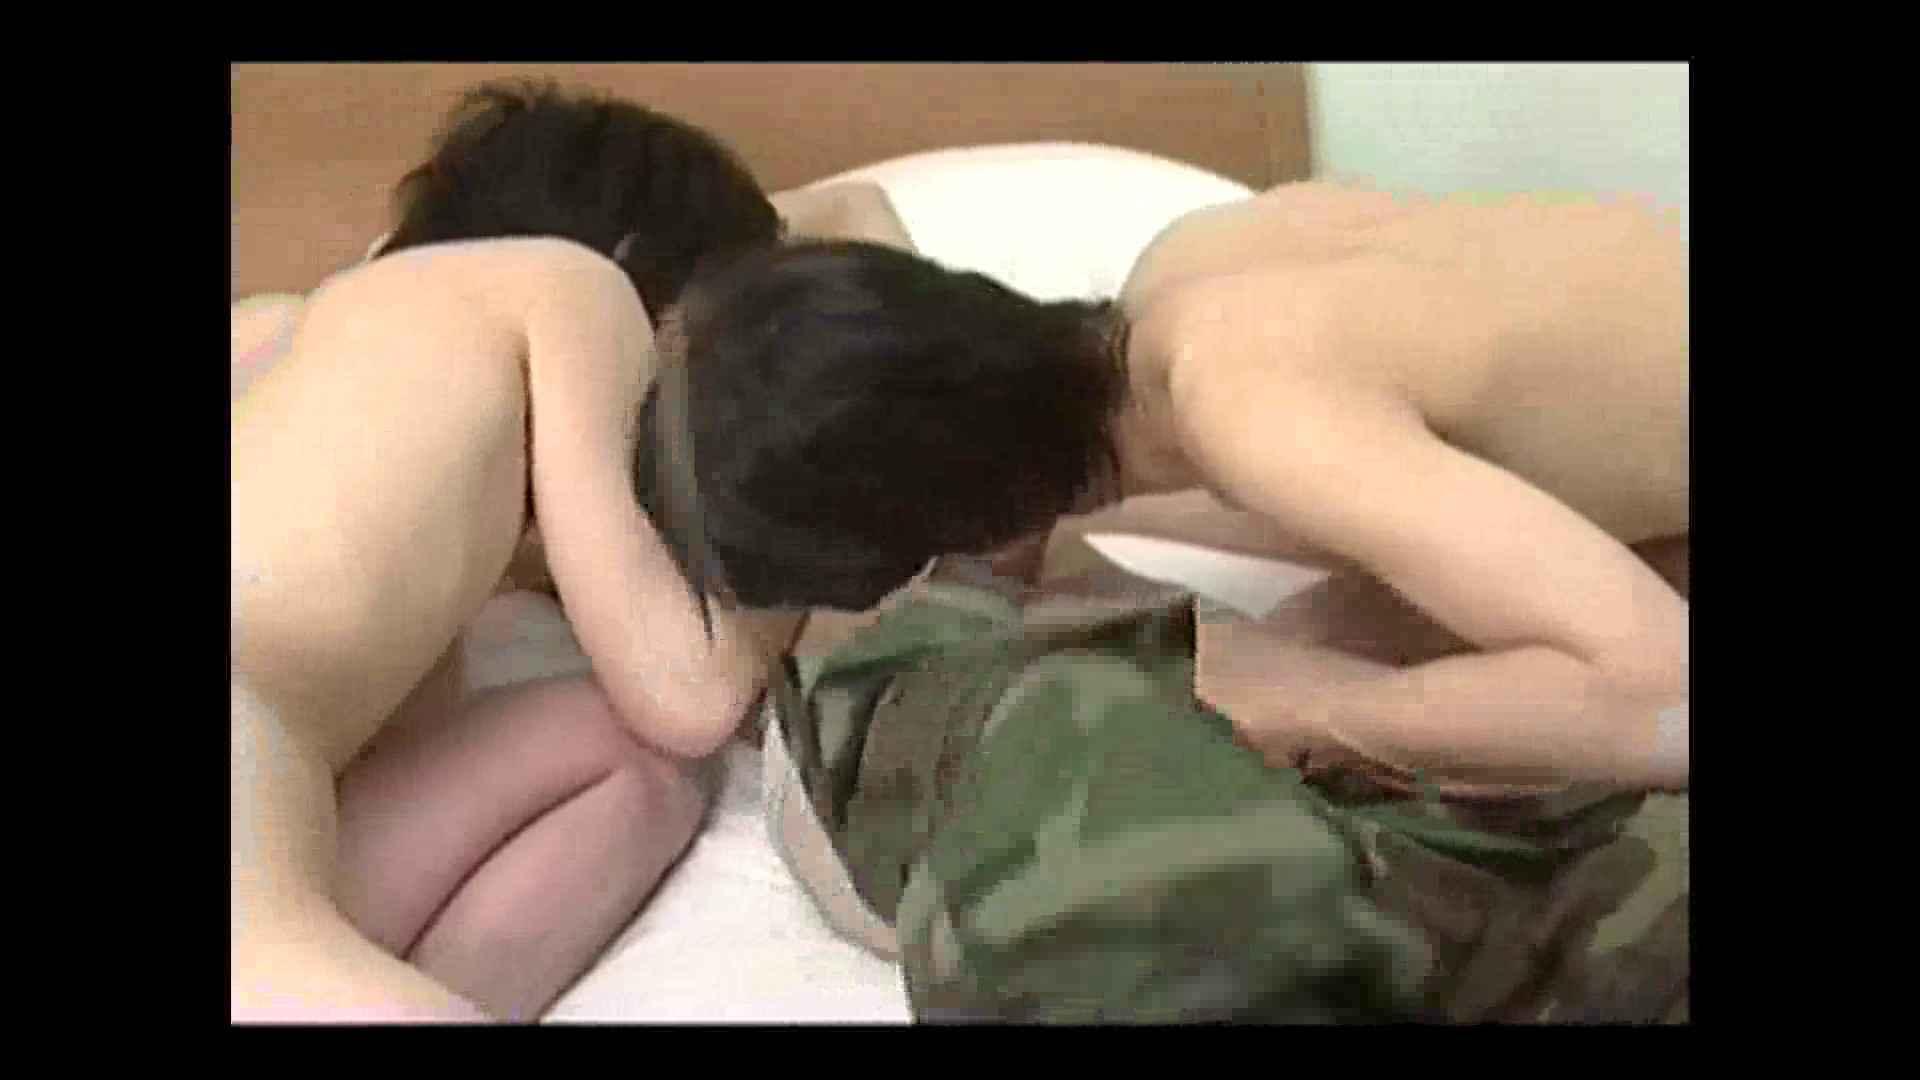 俺達G友!!絡んで濃厚ウィンタートラベル!!vol.2 イケメン  68pic 4